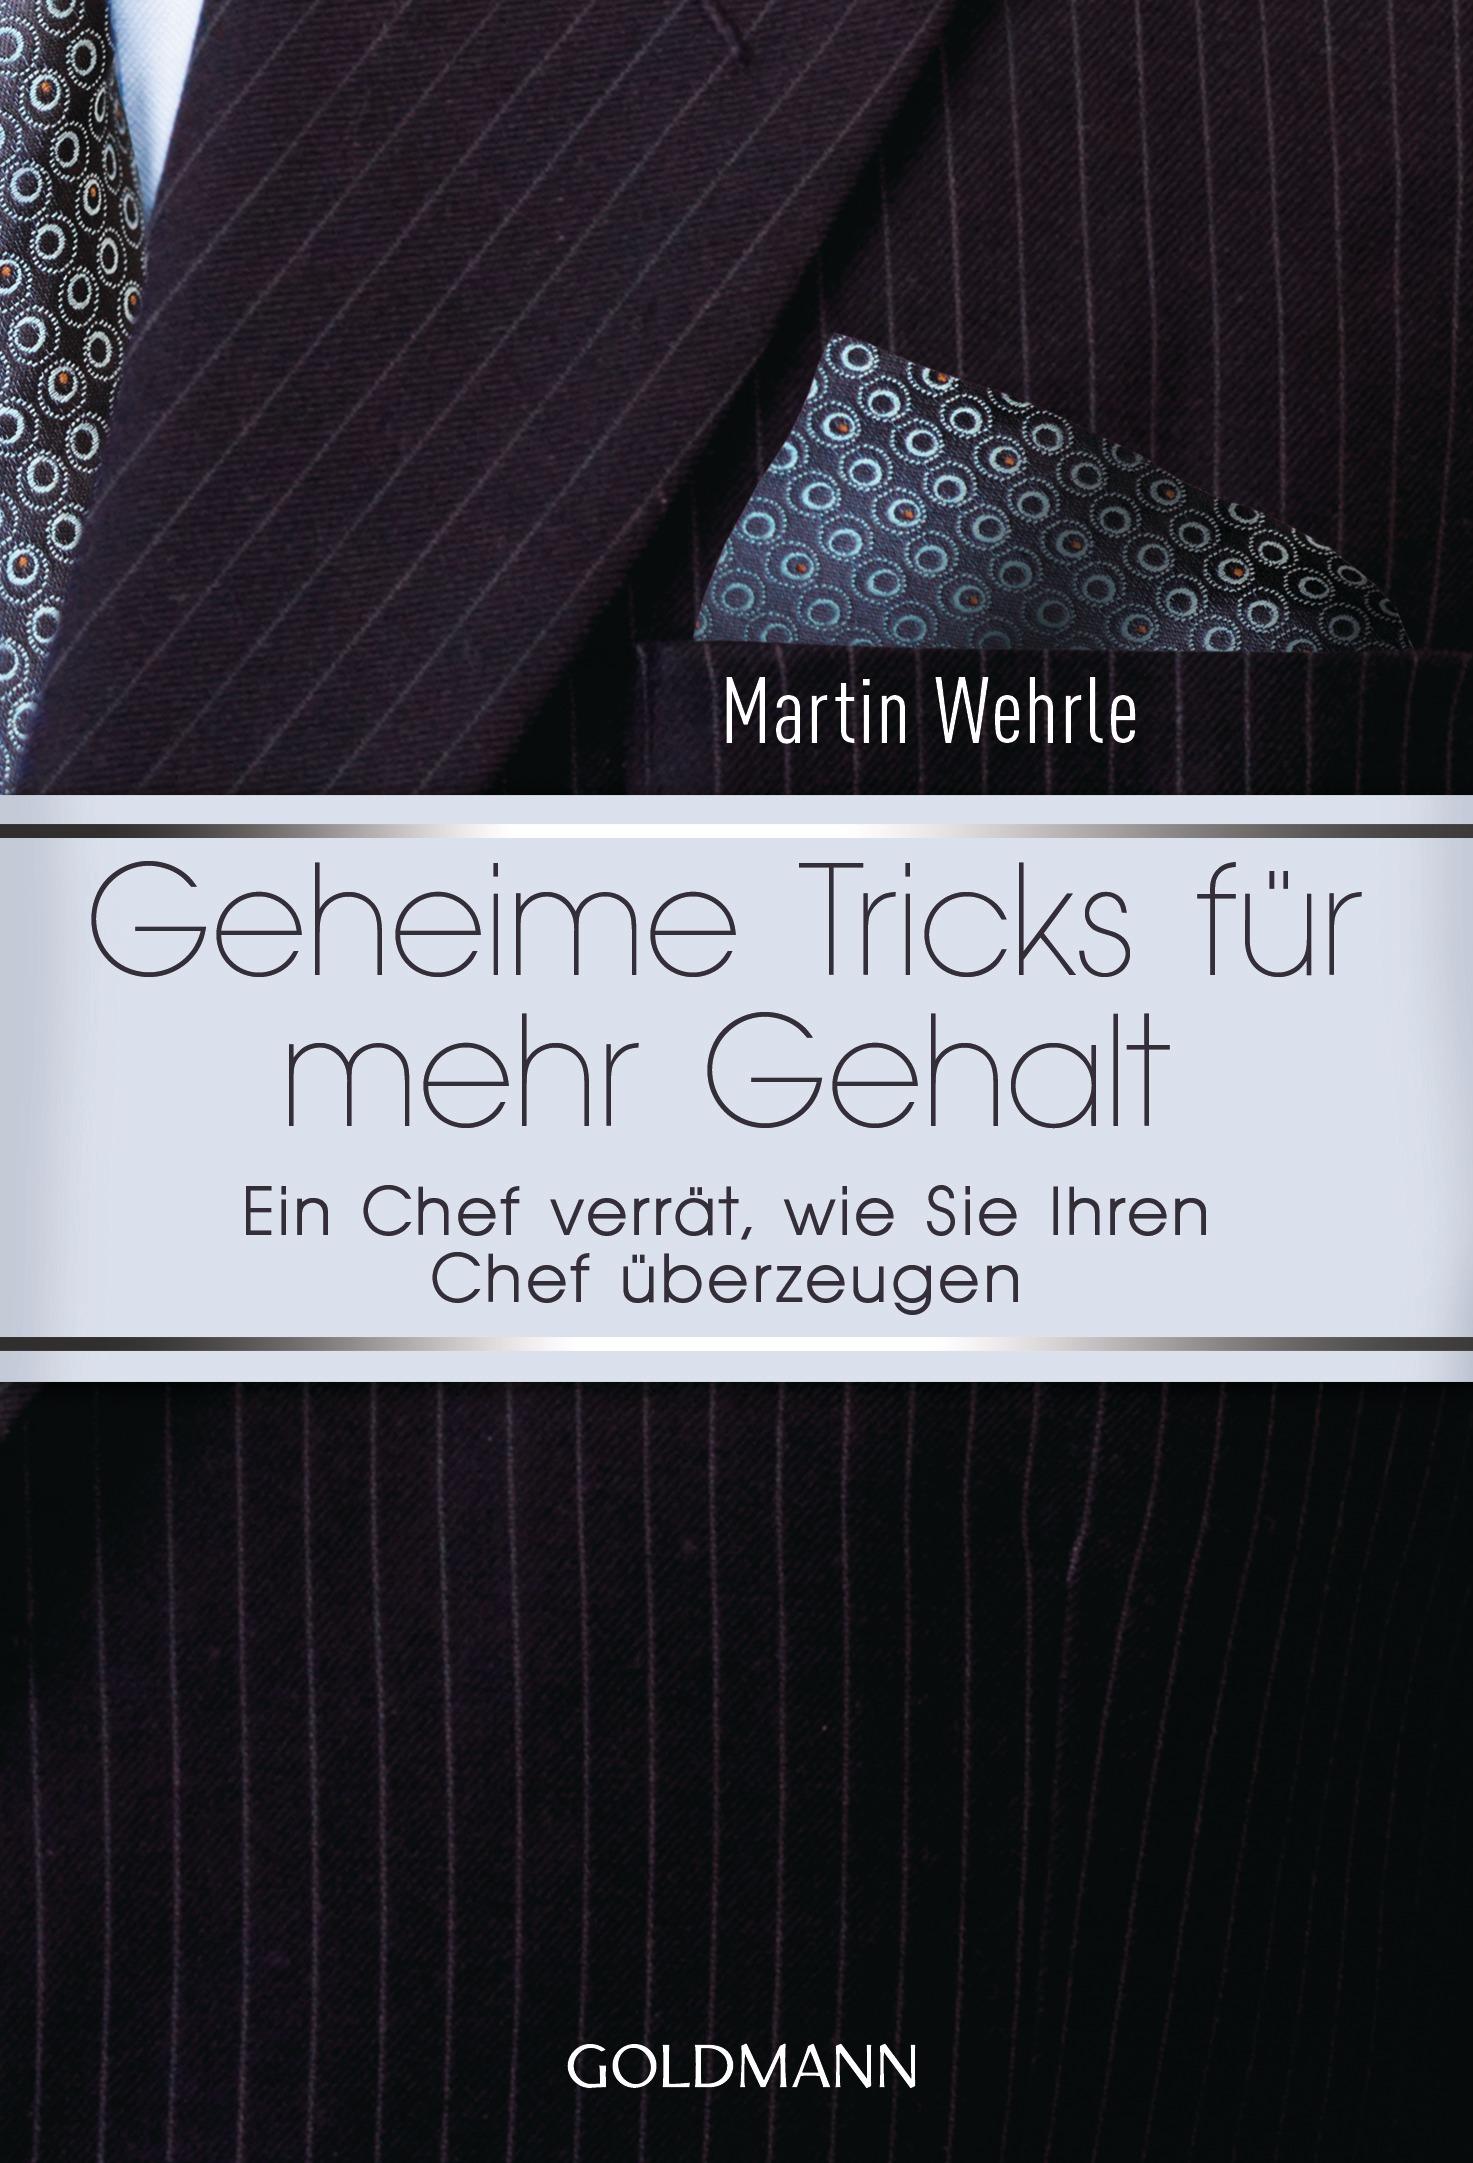 Geheime Tricks für mehr Gehalt: Ein Chef verrät, wie Sie Ihren Chef überzeugen - Martin Wehrle